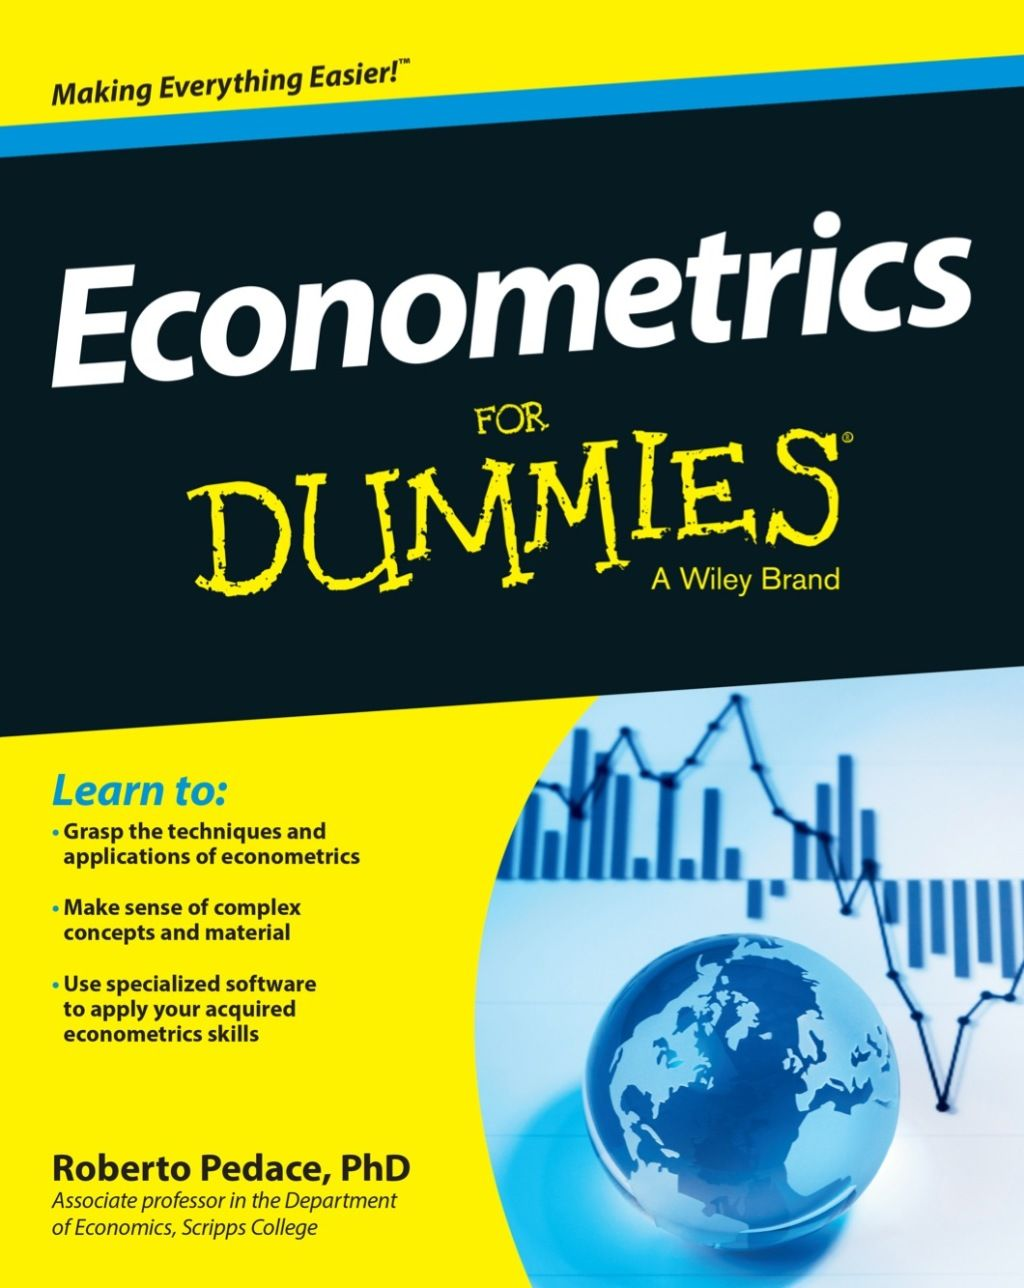 Econometrics For Dummies Ebook Study Of Economics Economics